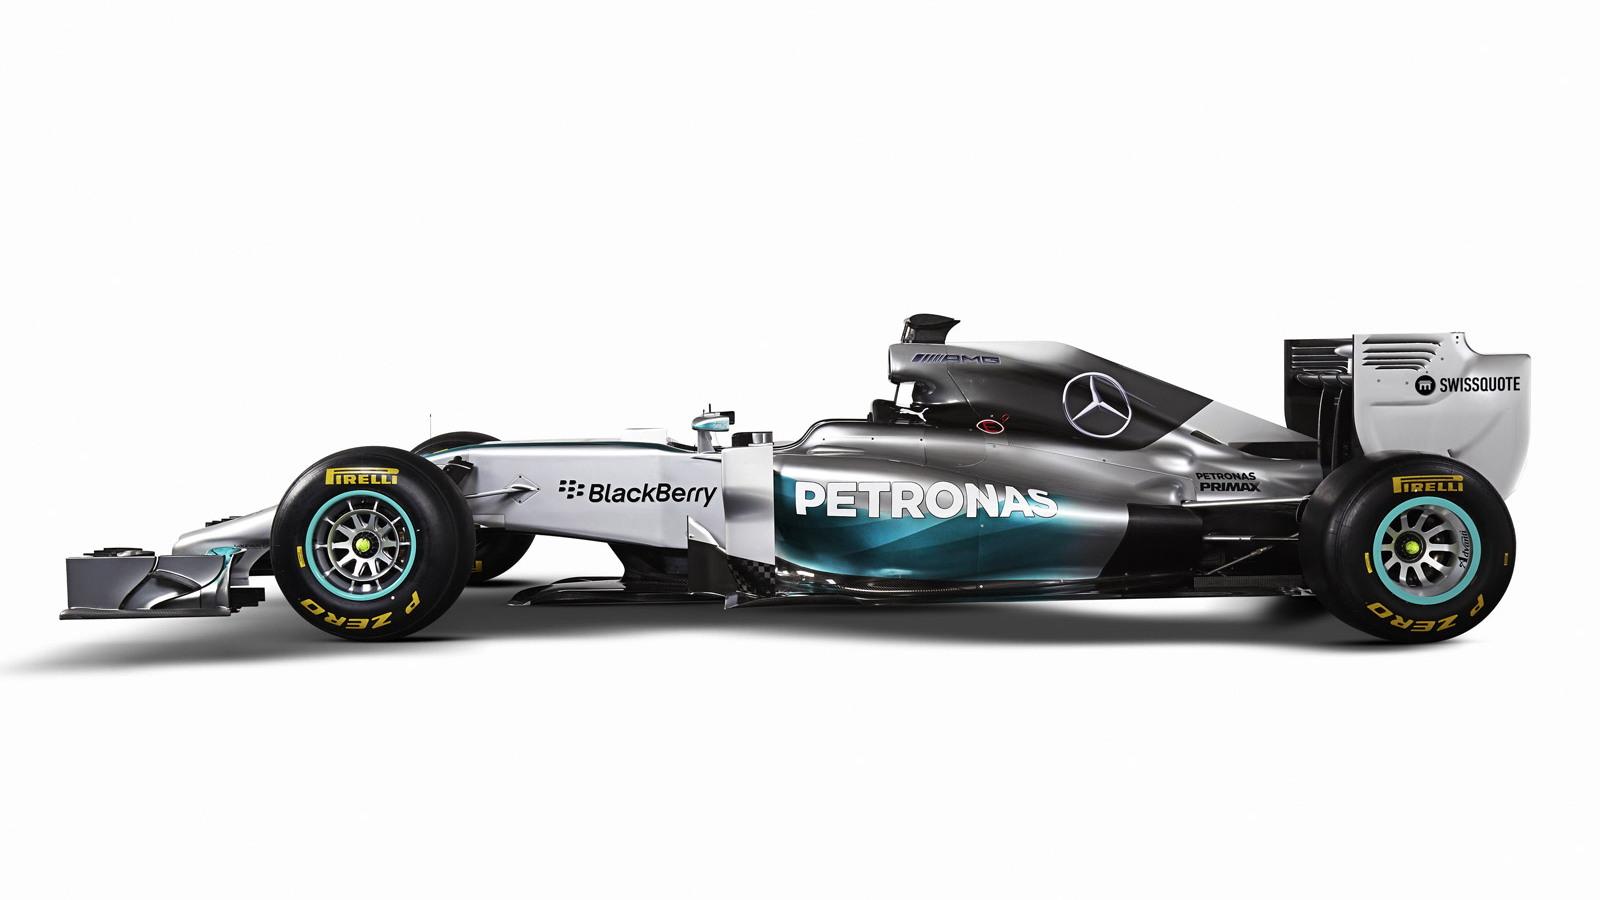 Mercedes AMG's W05 2014 Formula One car